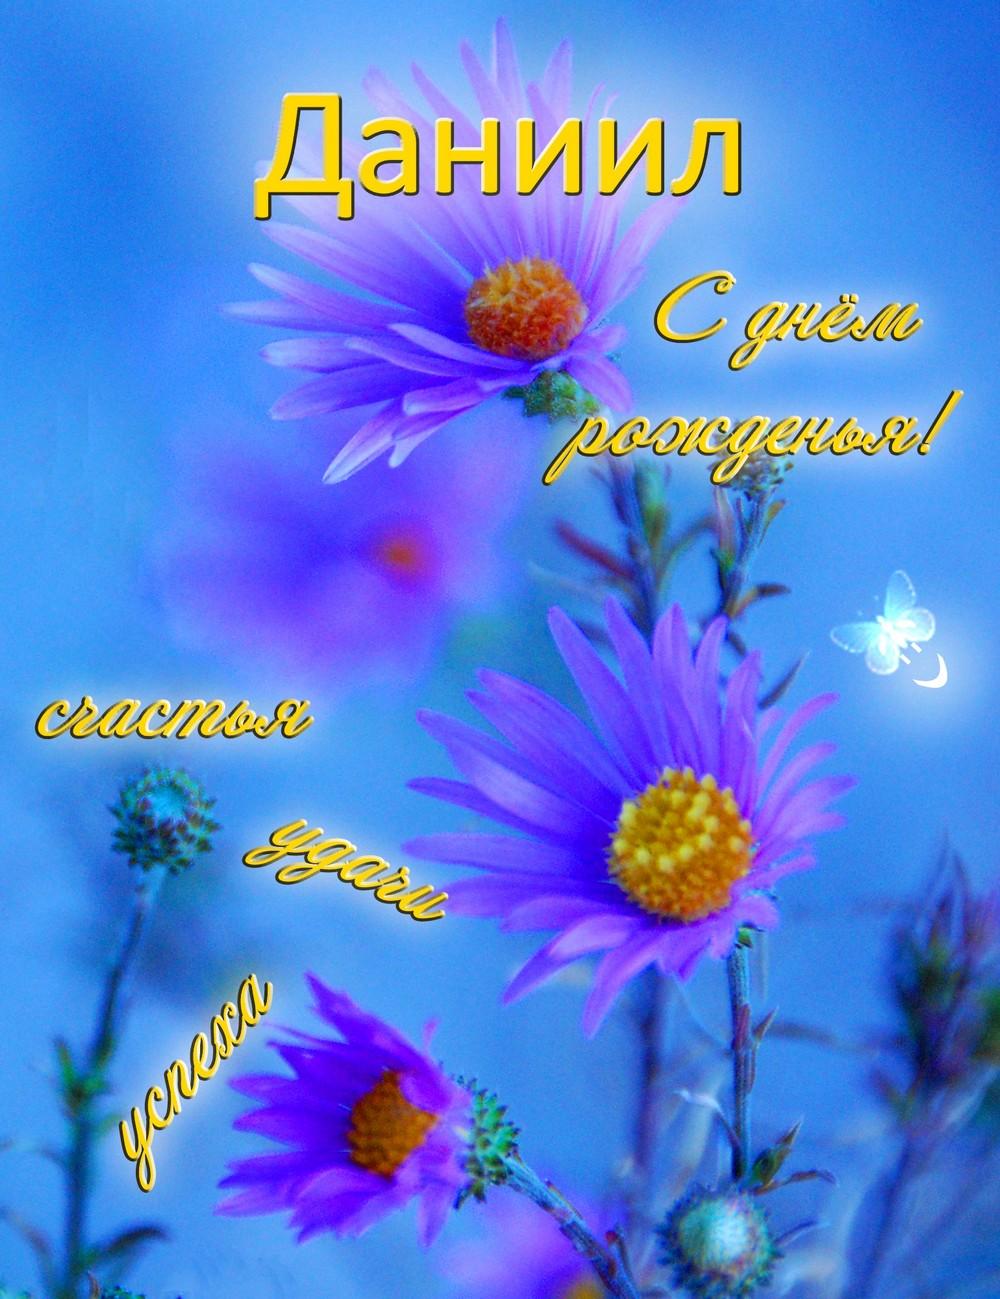 Открытка с днем рождения Ярослава скачать бесплатно 1